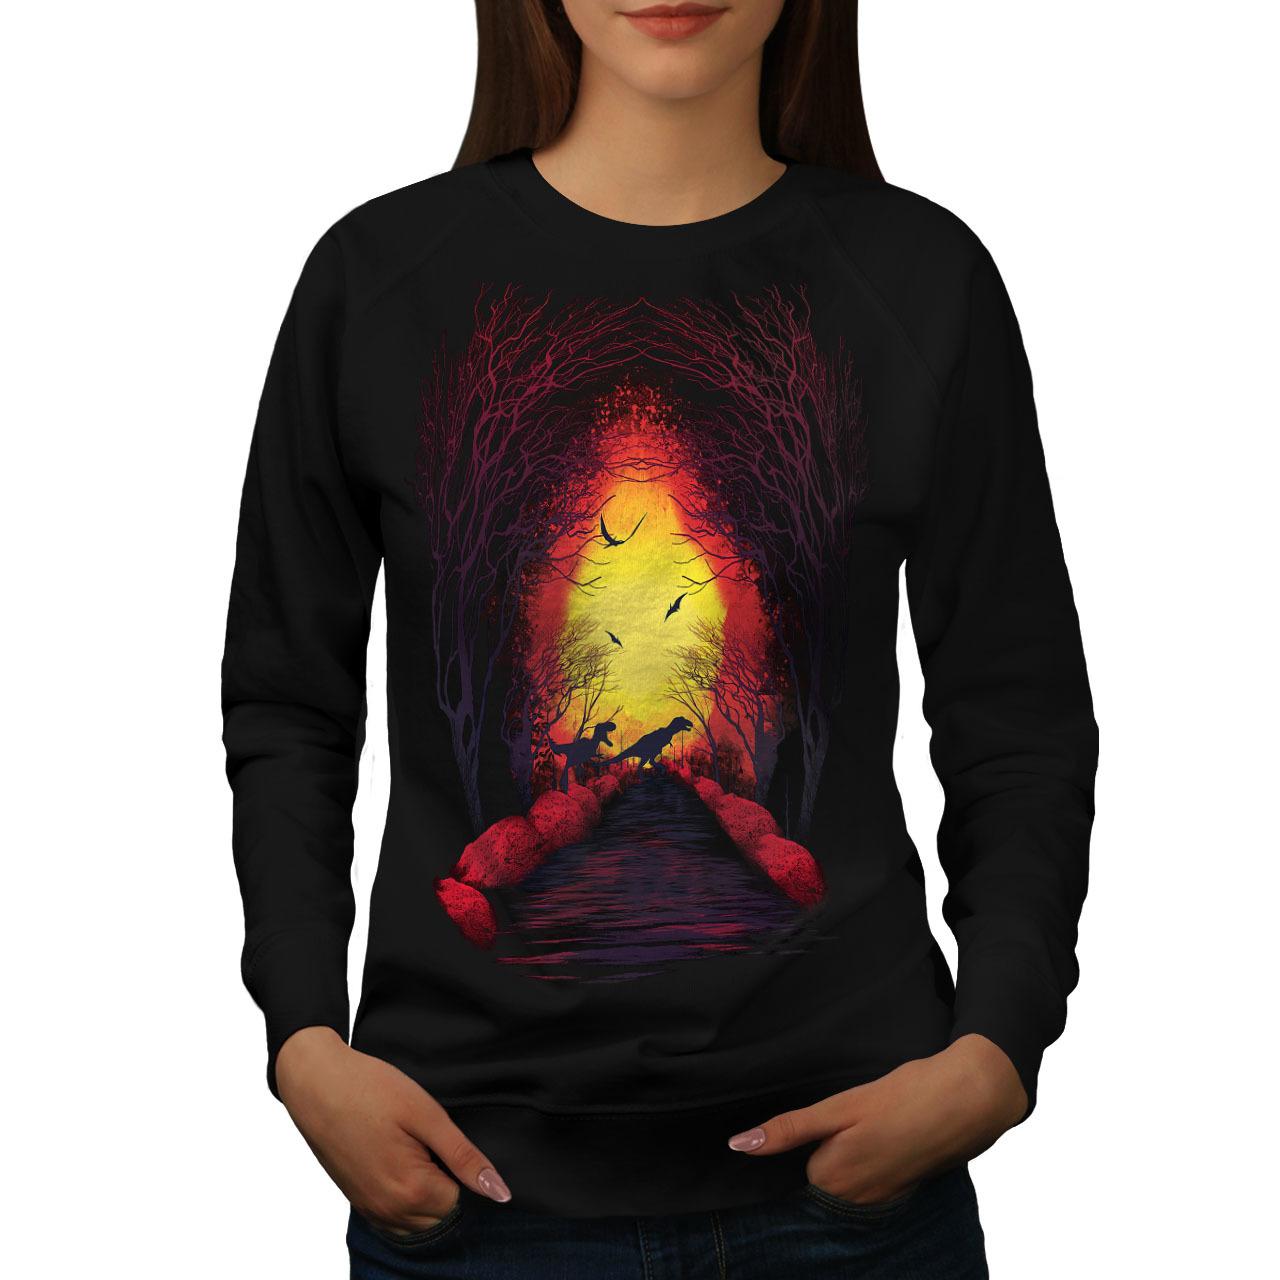 Fireplace Forest Nature Jumper Jurassic Women Sweatshirt - $18.99